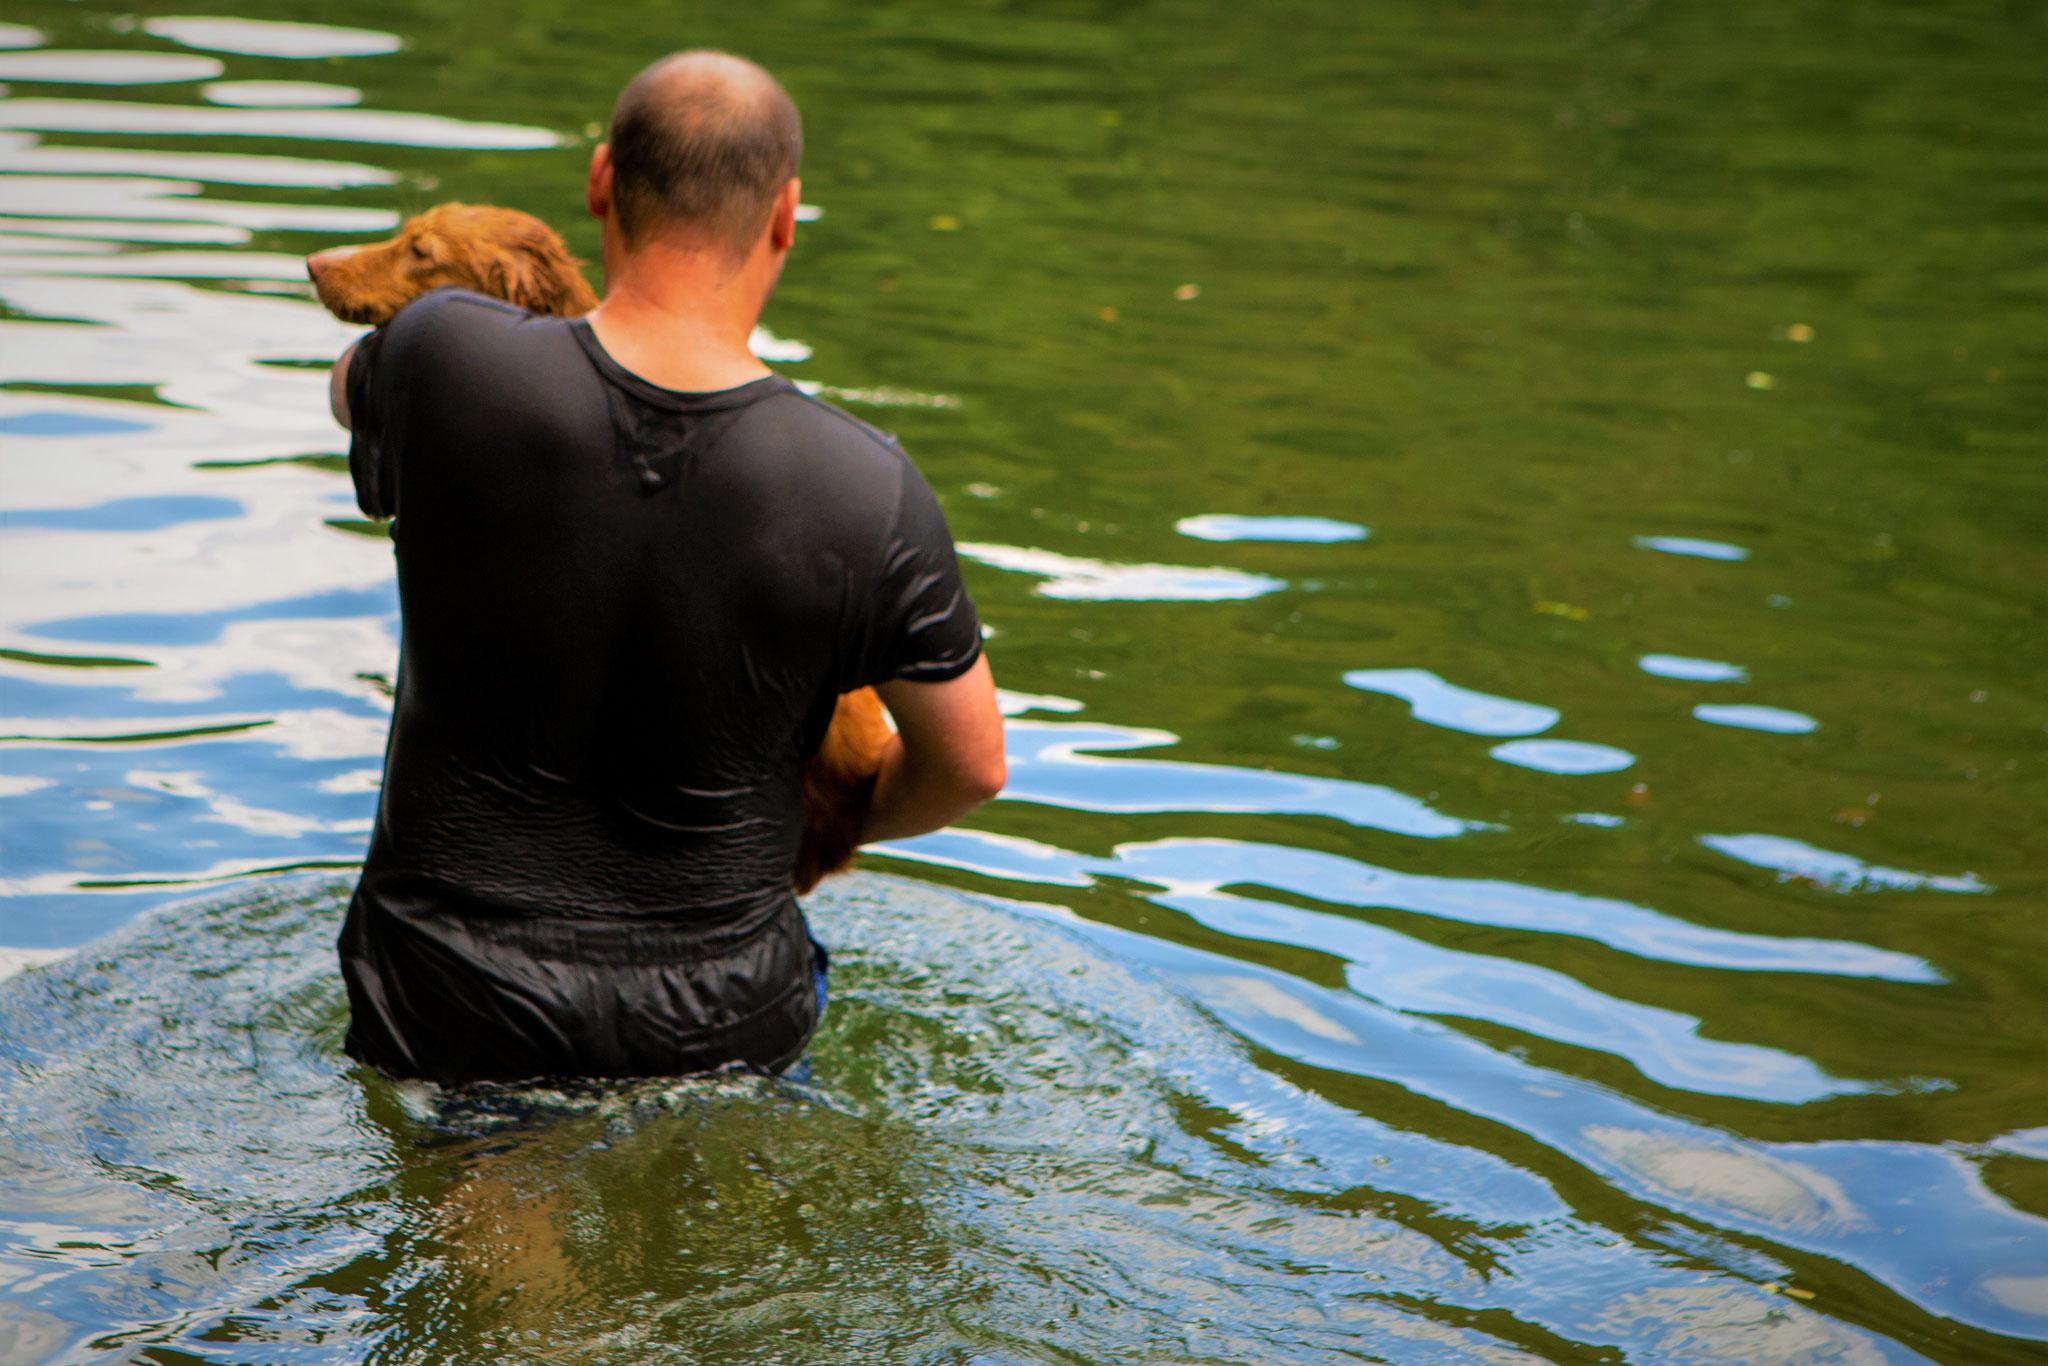 Ginger mag Wasser eigentlich überhaupt nicht, nur bis zu den Ellbogen.